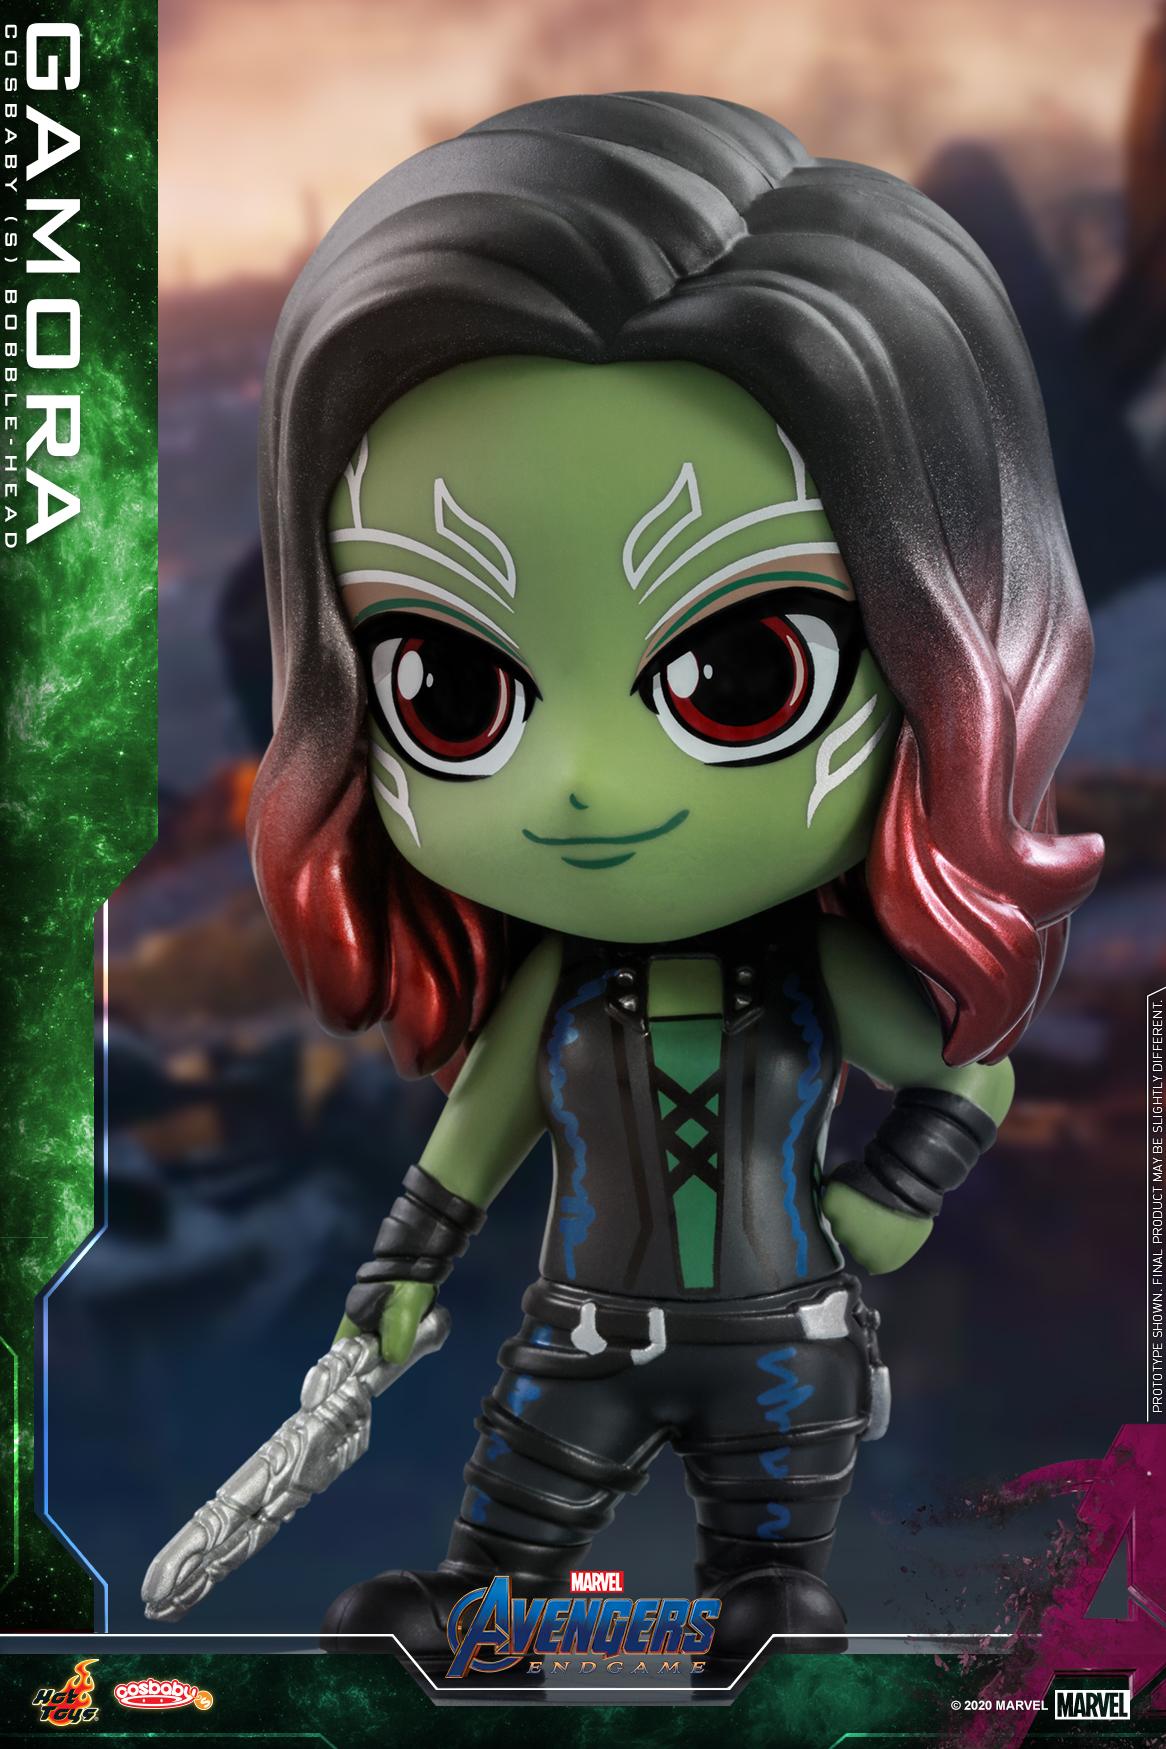 Hot Toys - Avengers Endgame - Gamora Cosbaby_PR2